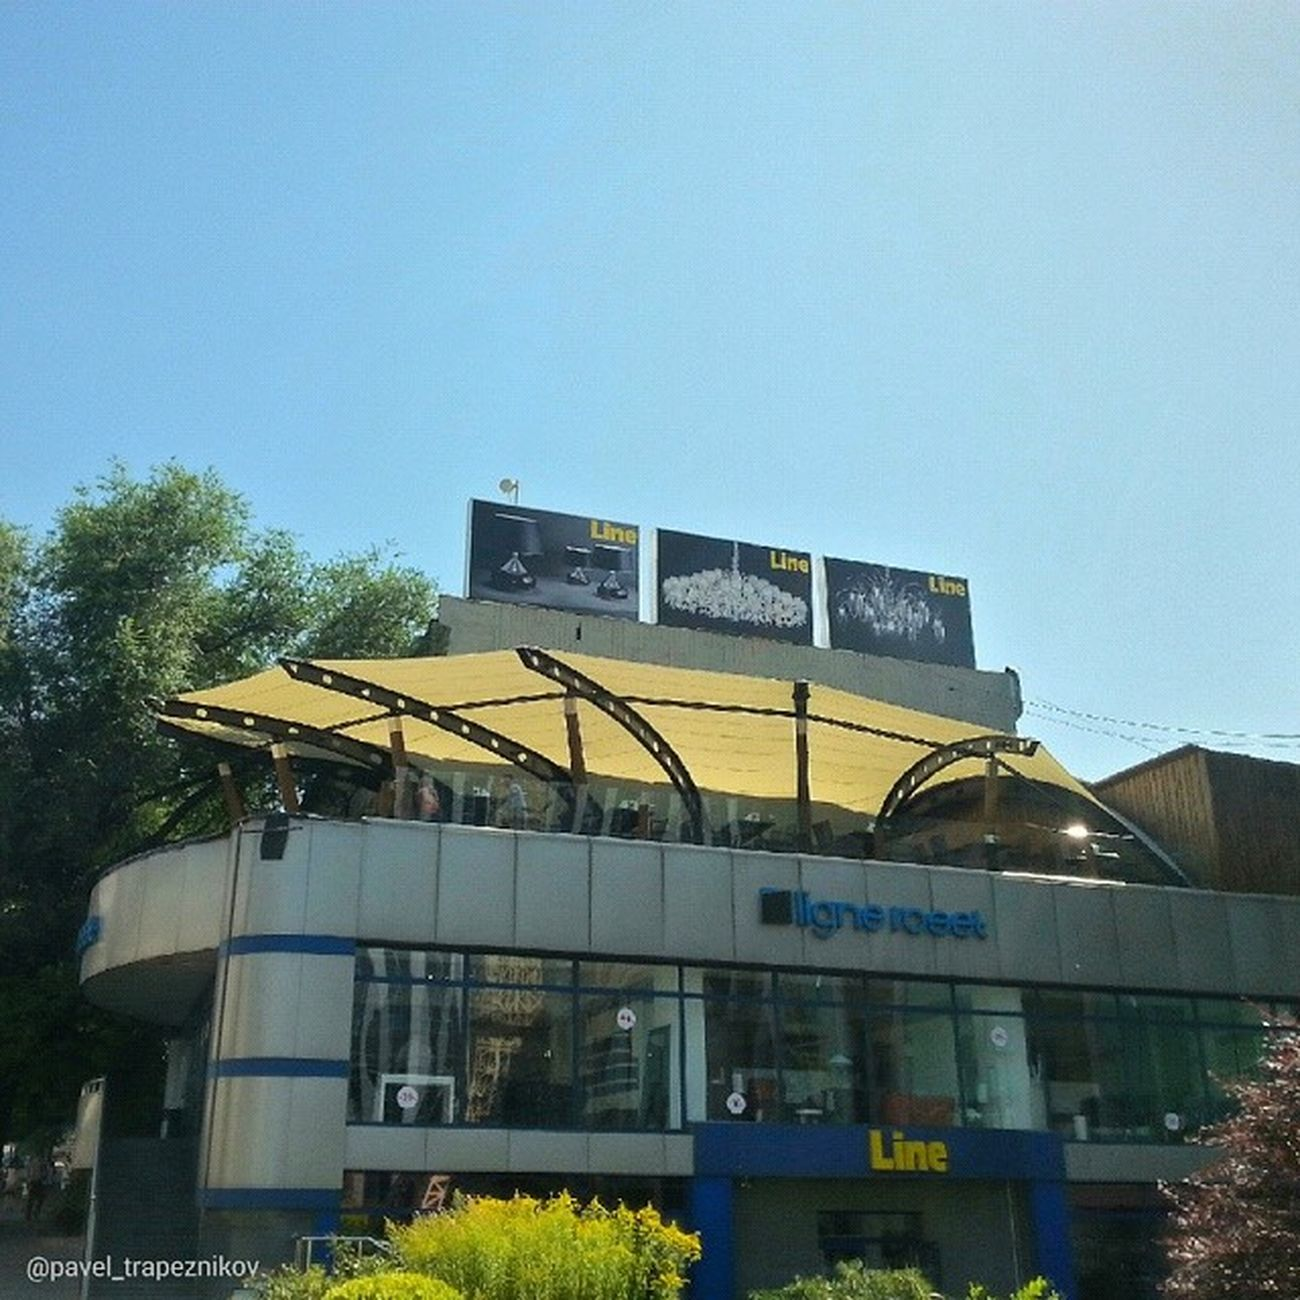 """20140731 , Казахстан , алматы . ресторан  """"LineBrew"""". Терраса/ Kazakhstan, Almaty. Restaurant """"Line Brew"""". Terrace."""